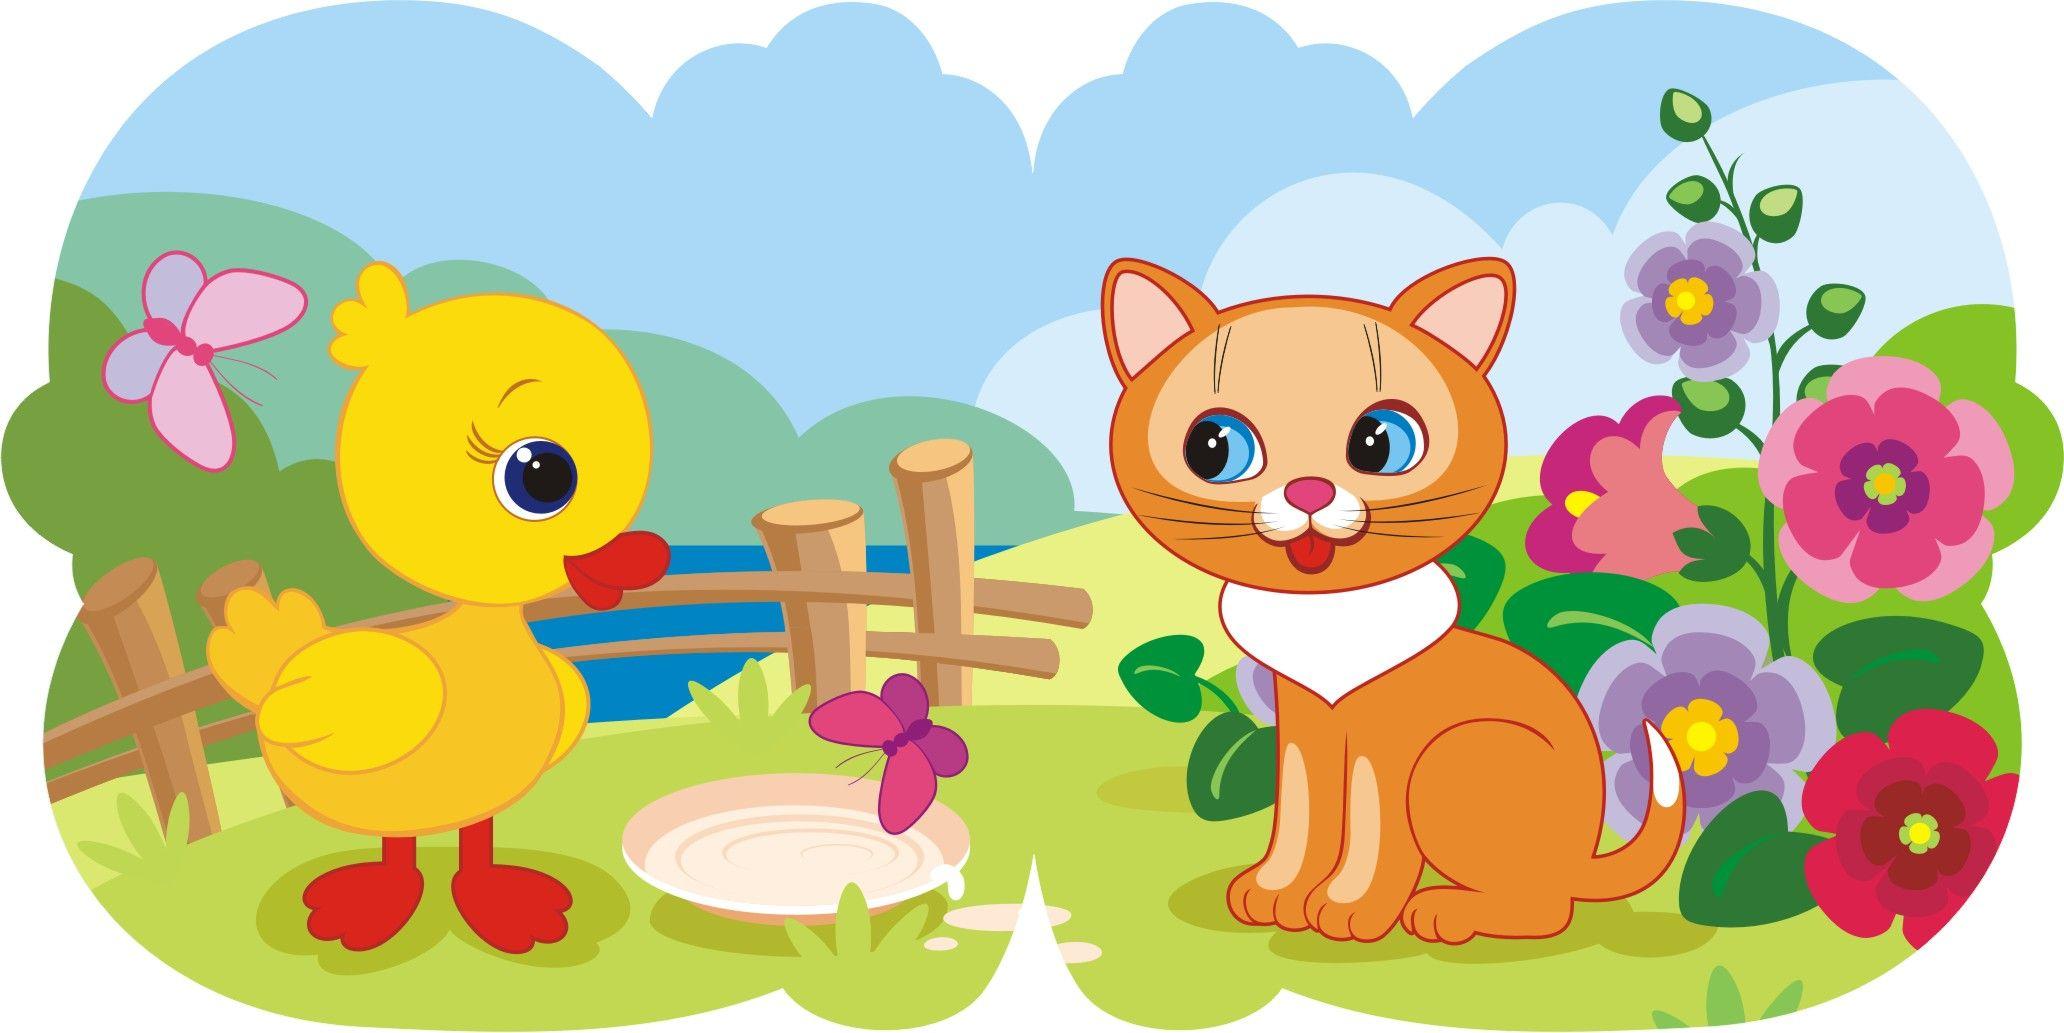 Картинки для детей до года развивающие онлайн, попугайчиками открытки для